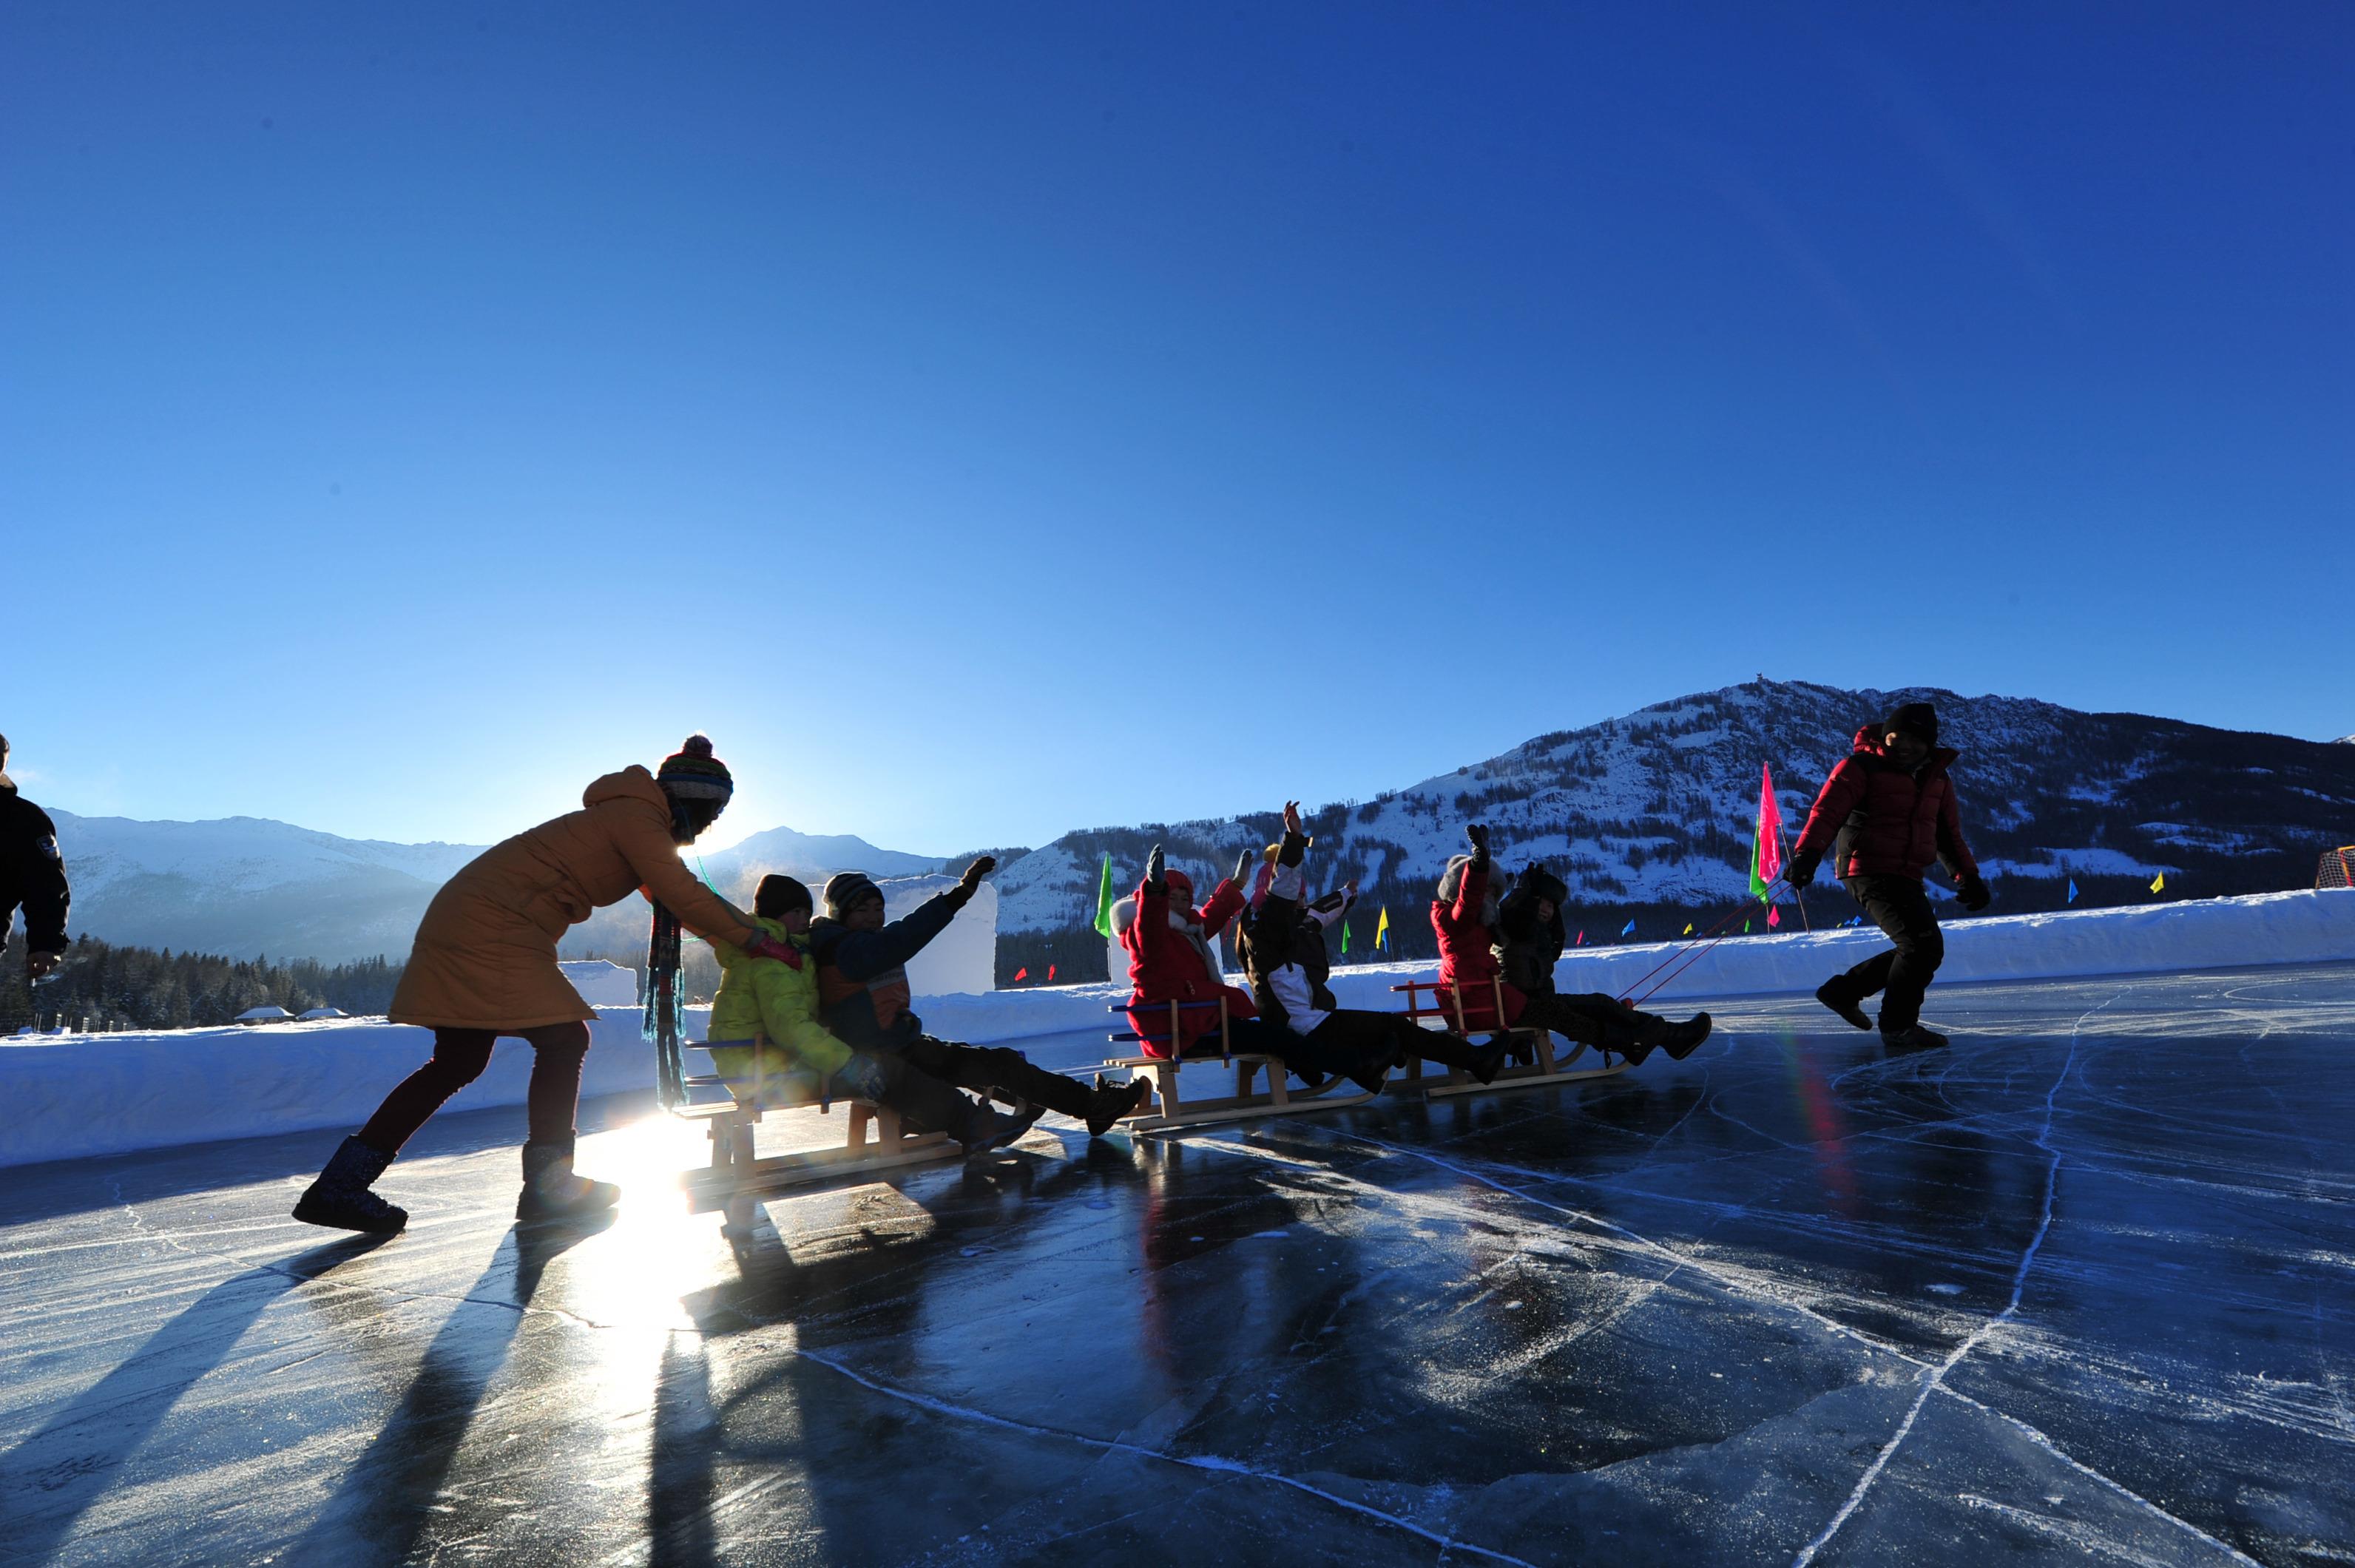 乌鲁木齐、喀纳斯、禾木双卧5日深度游2人起订,15人精品小团,宿两晚景区暖气房,坐马拉雪橇,览冬季喀纳斯全景,带你走进童话冰雪世界